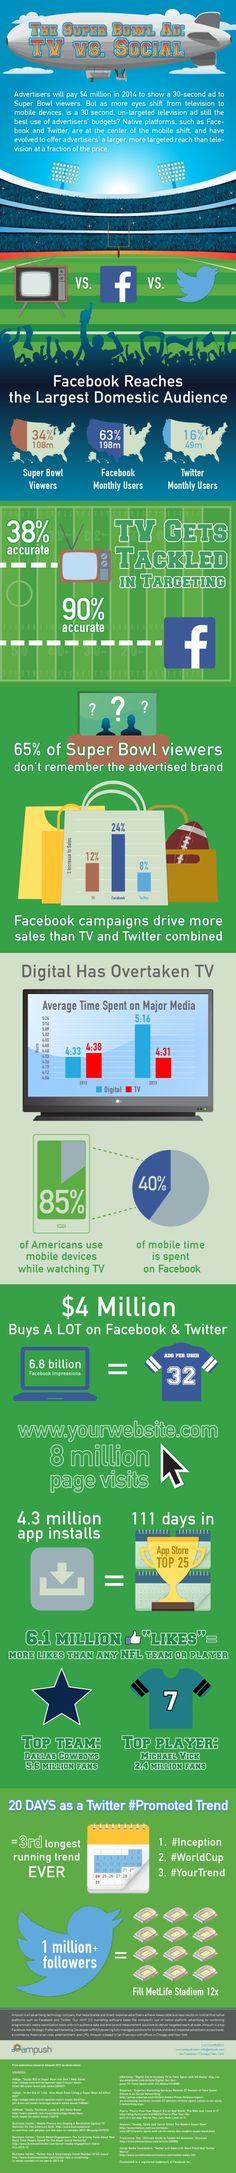 La batalla de la publicidad en el Super Bowl se la pelean la TV y el Social Media... ¿Quién la ganará?   #SocialMedia #Infographic #SMSports #SB #SuperBowl